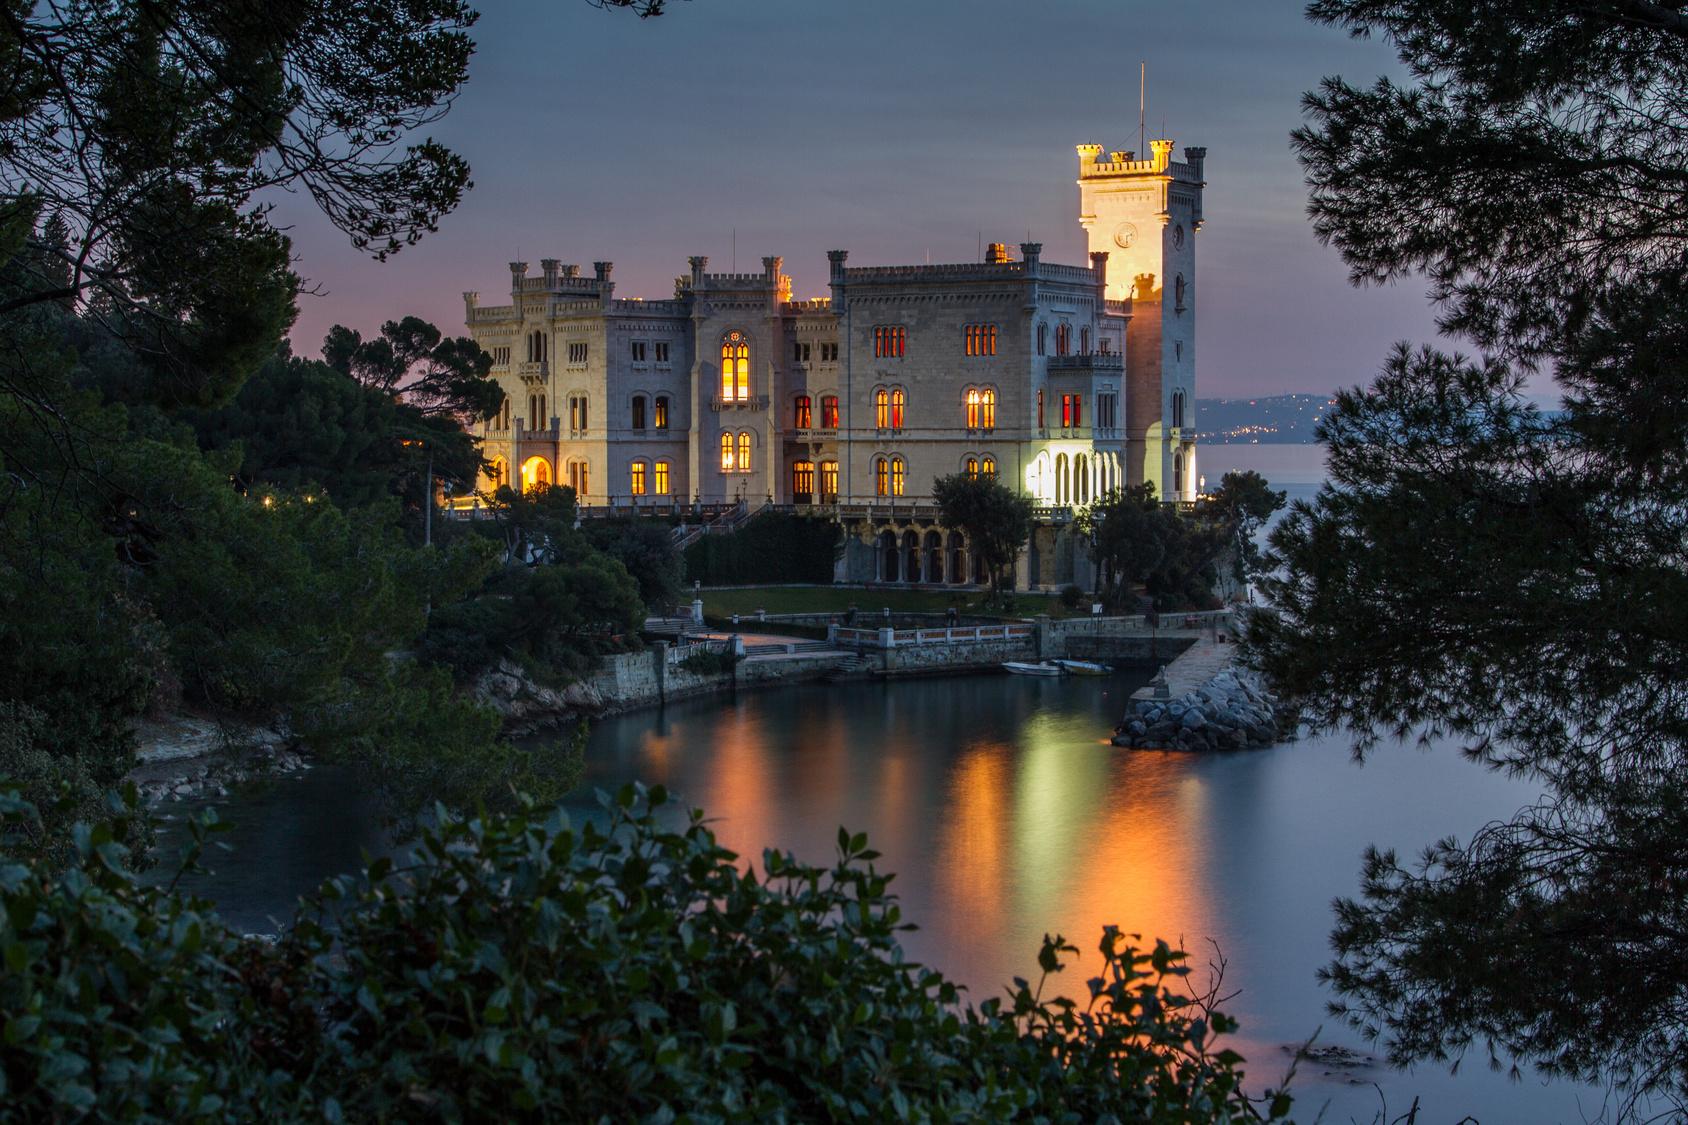 Trieste carso miramare un castello di storia for Piani scozzesi della casa del castello dell altopiano